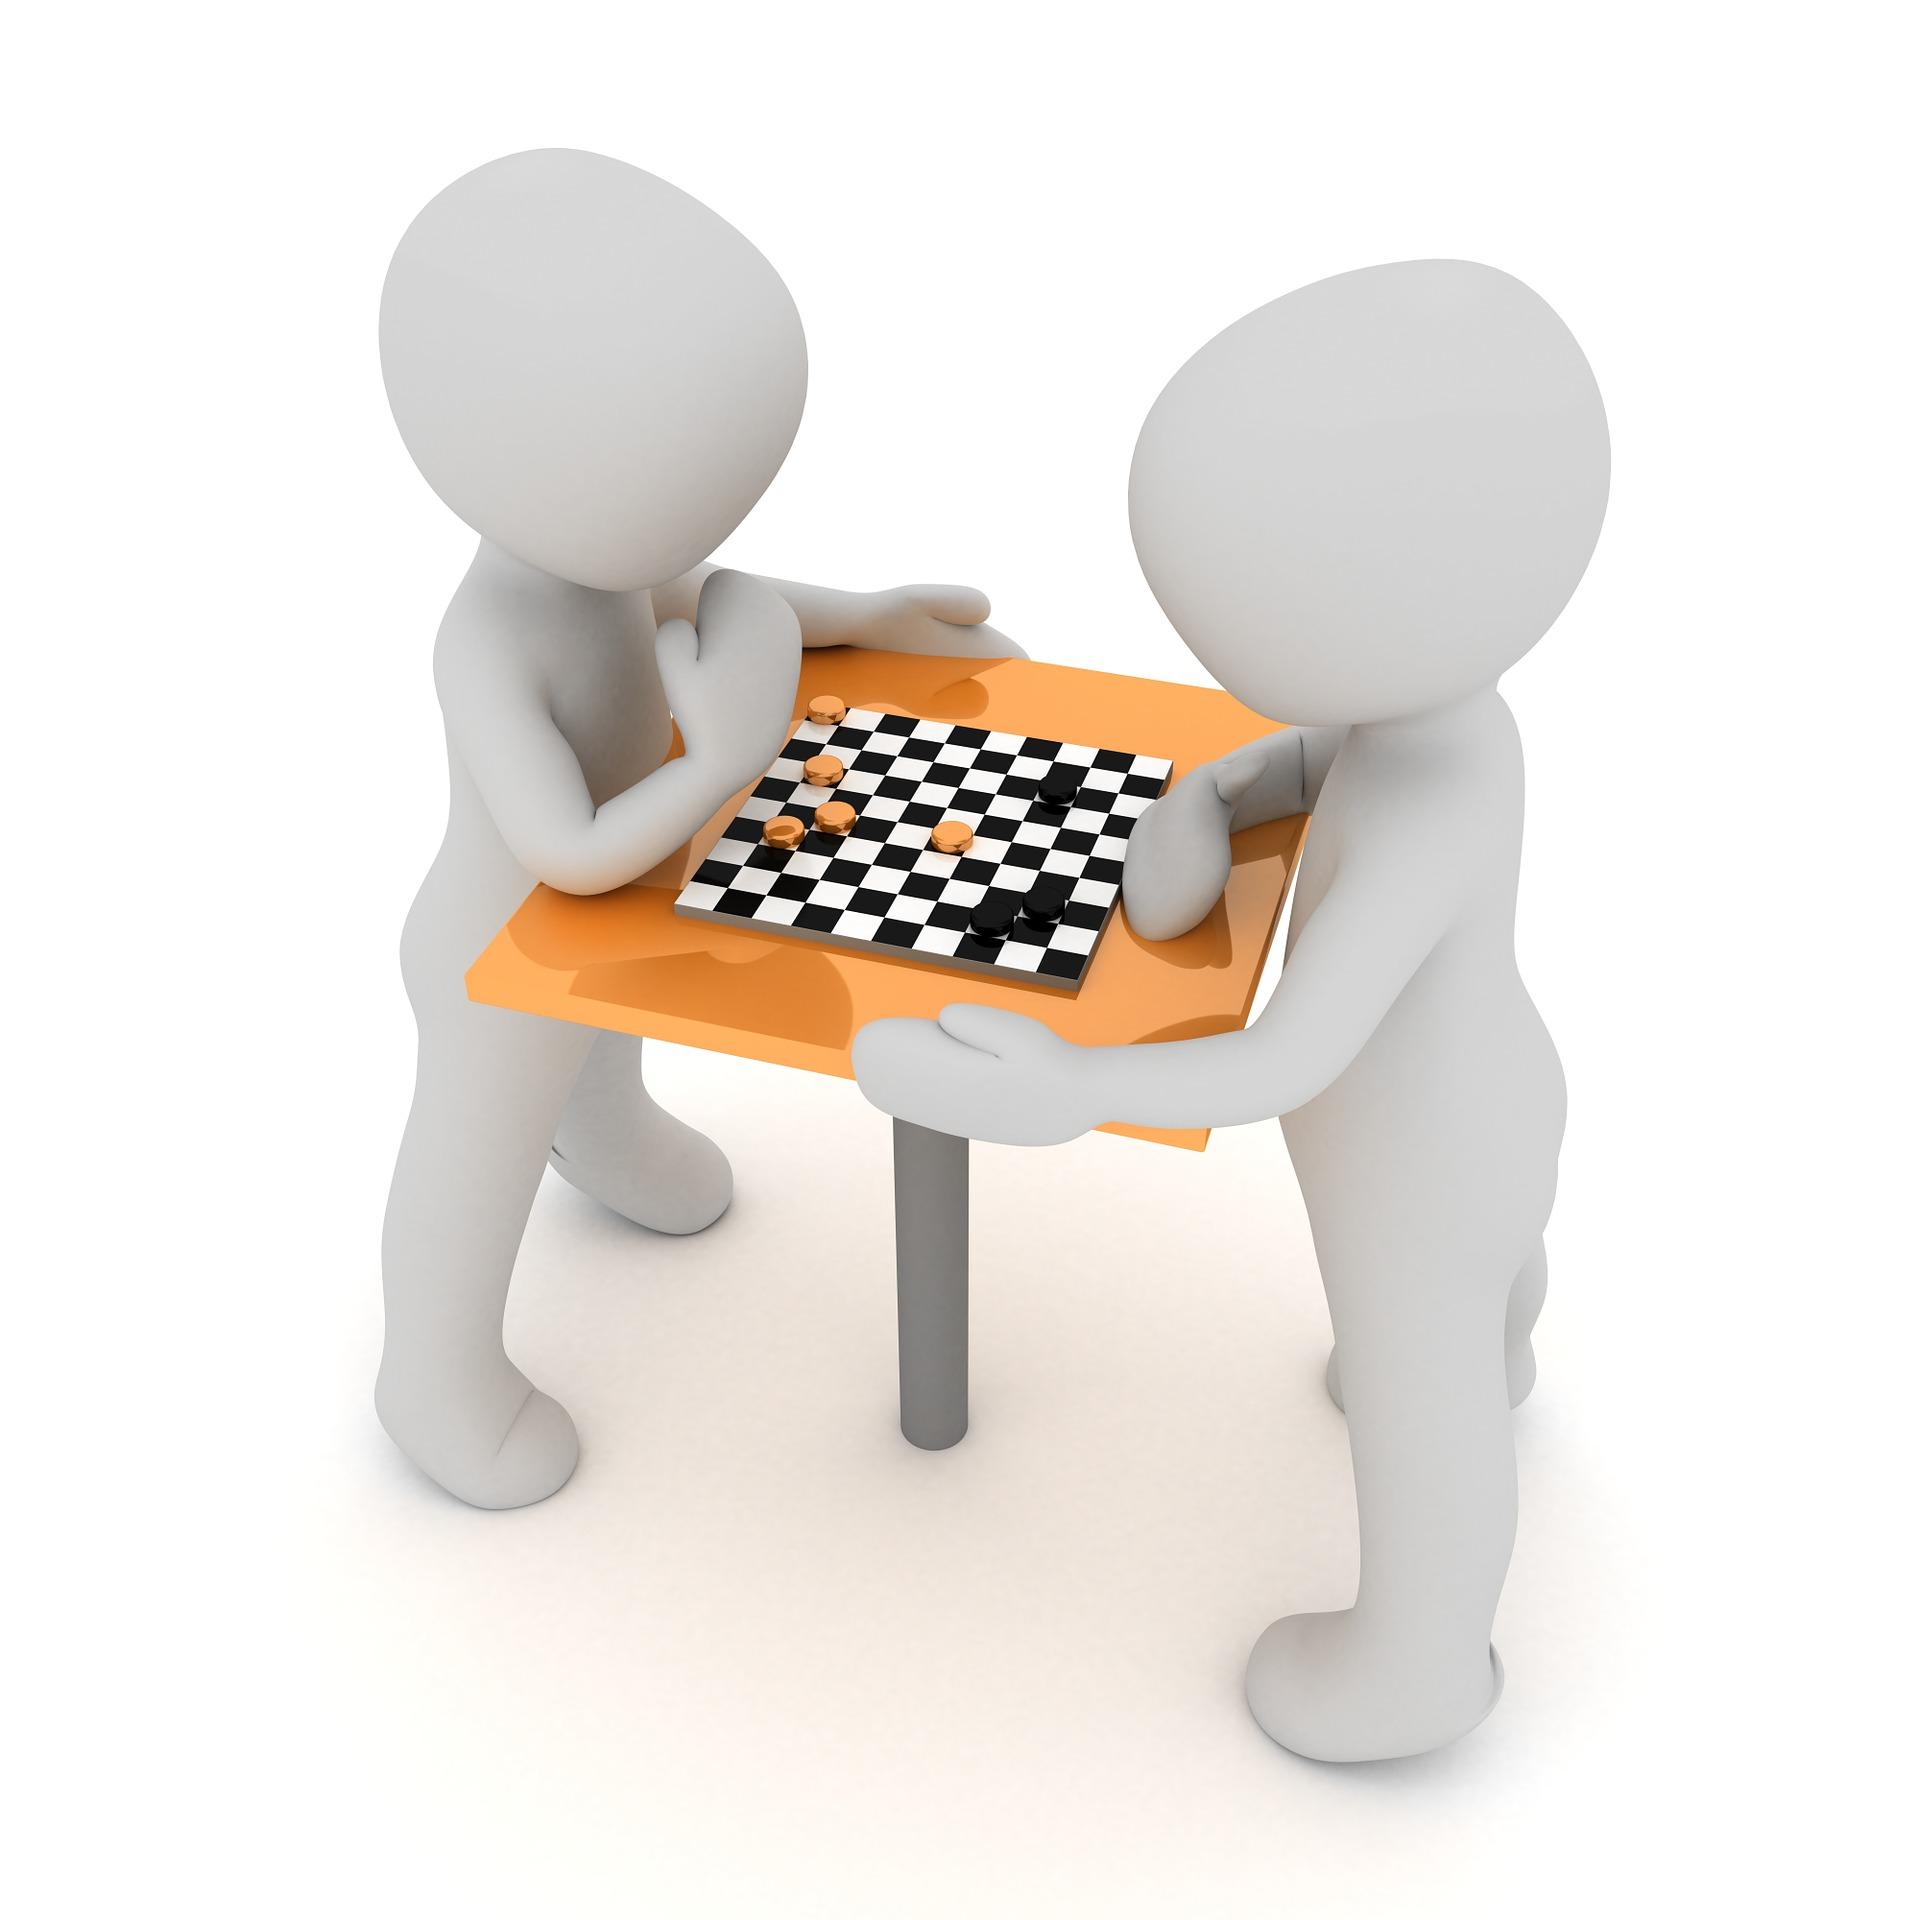 Mängustamine õppetöös: Õpiäppide ja õpimängude motivatsioonipsühholoogia